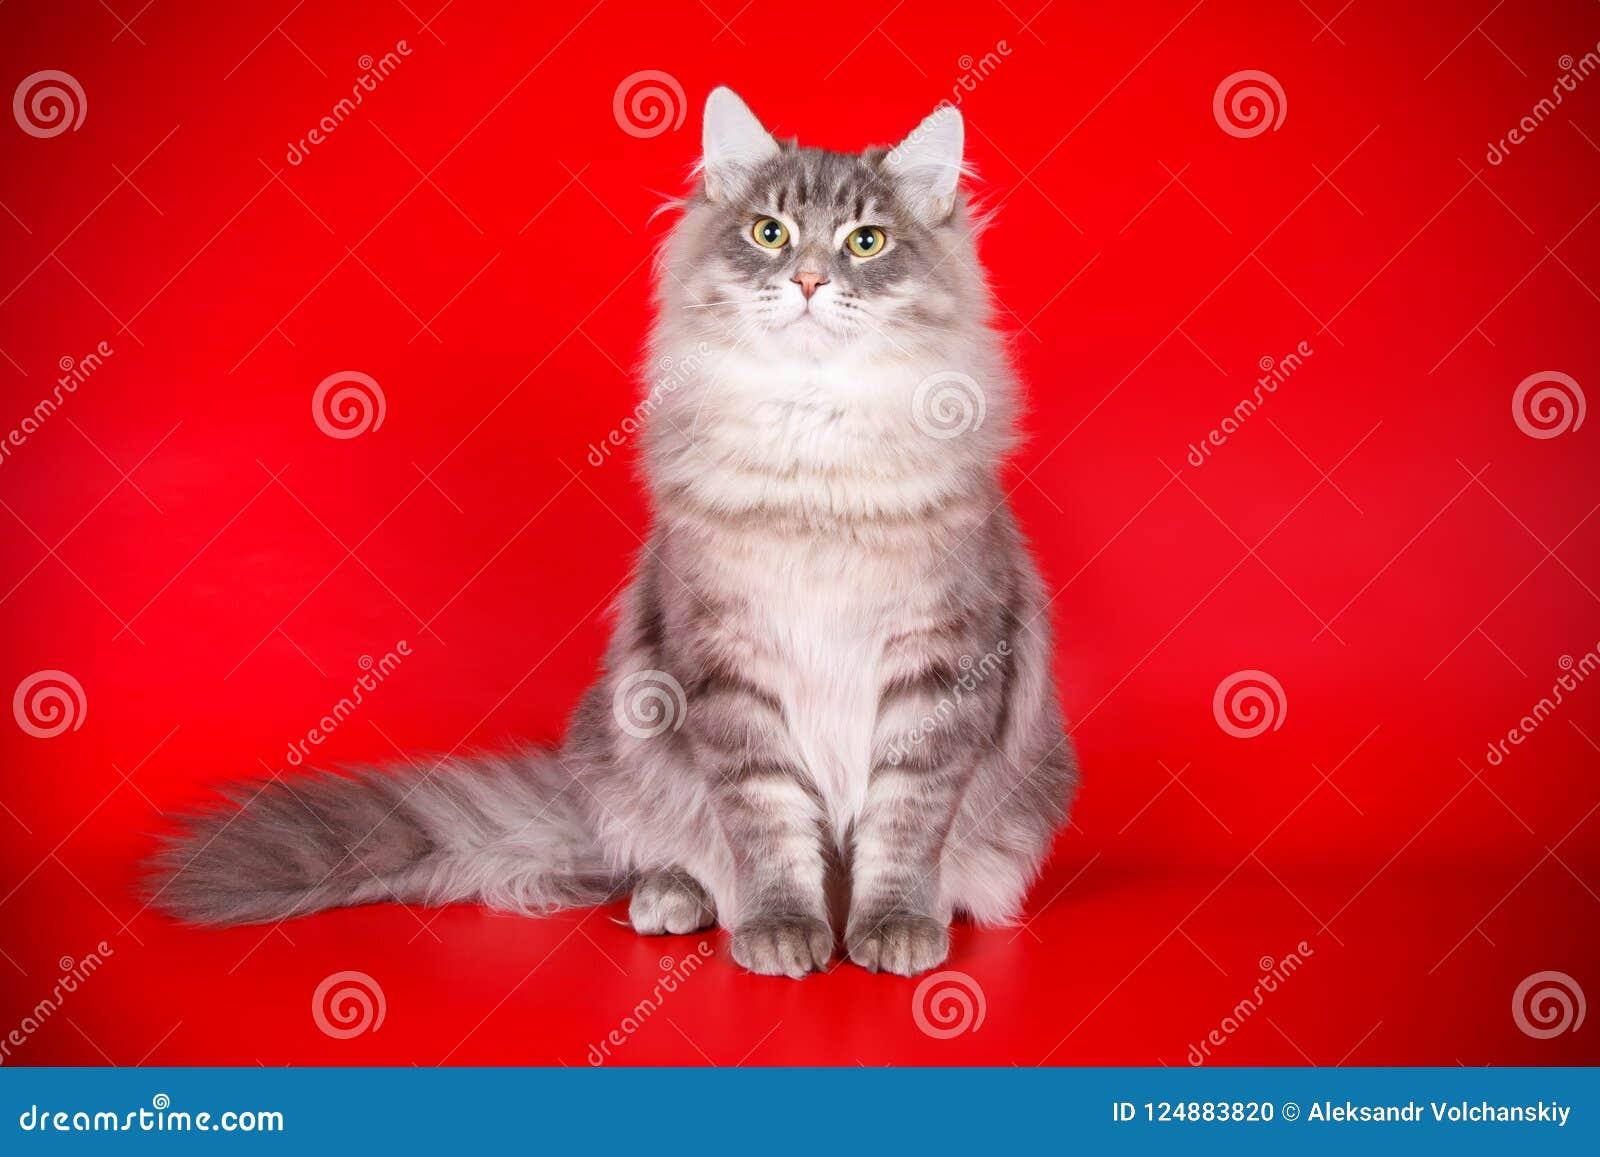 Gato Siberian em fundos coloridos